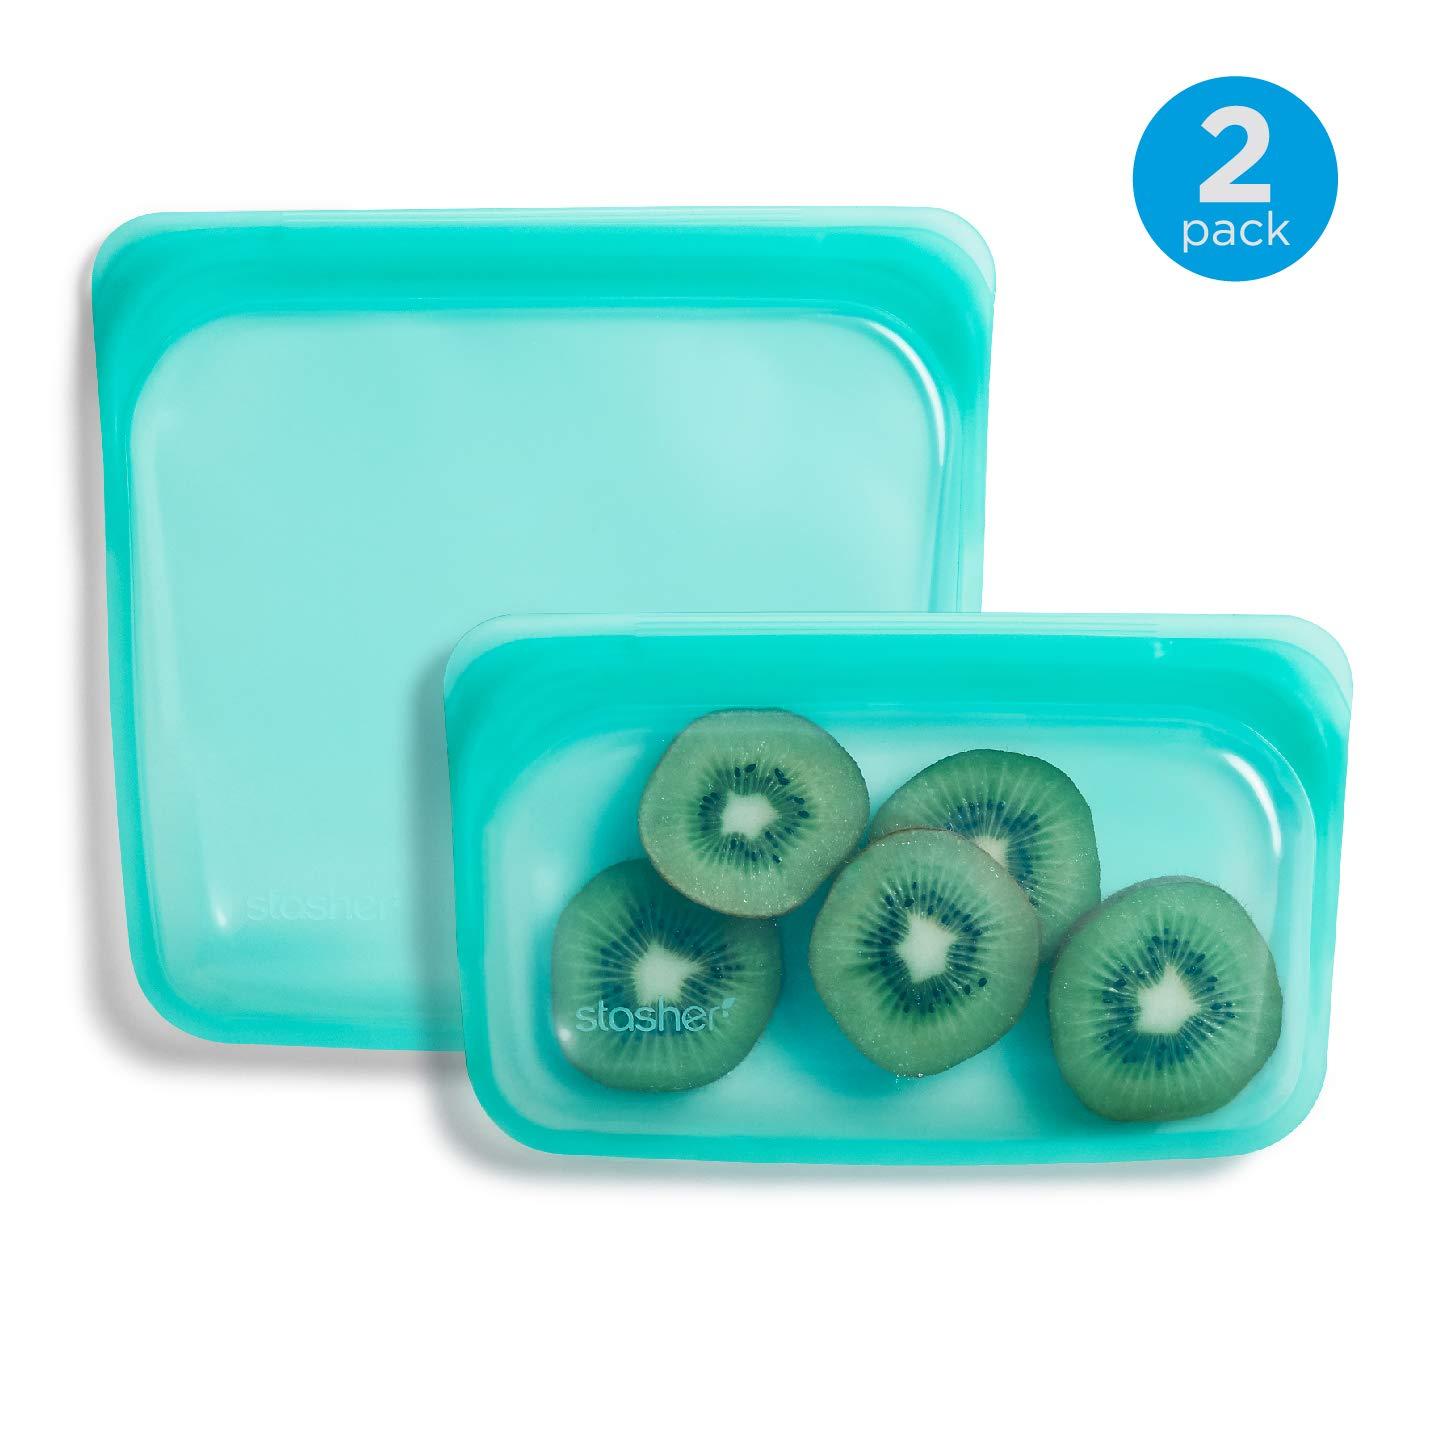 Stasher Reusable Silicone Food Bag, Sandwich Bag and Snack Bag, Storage Bag, Aqua Blue